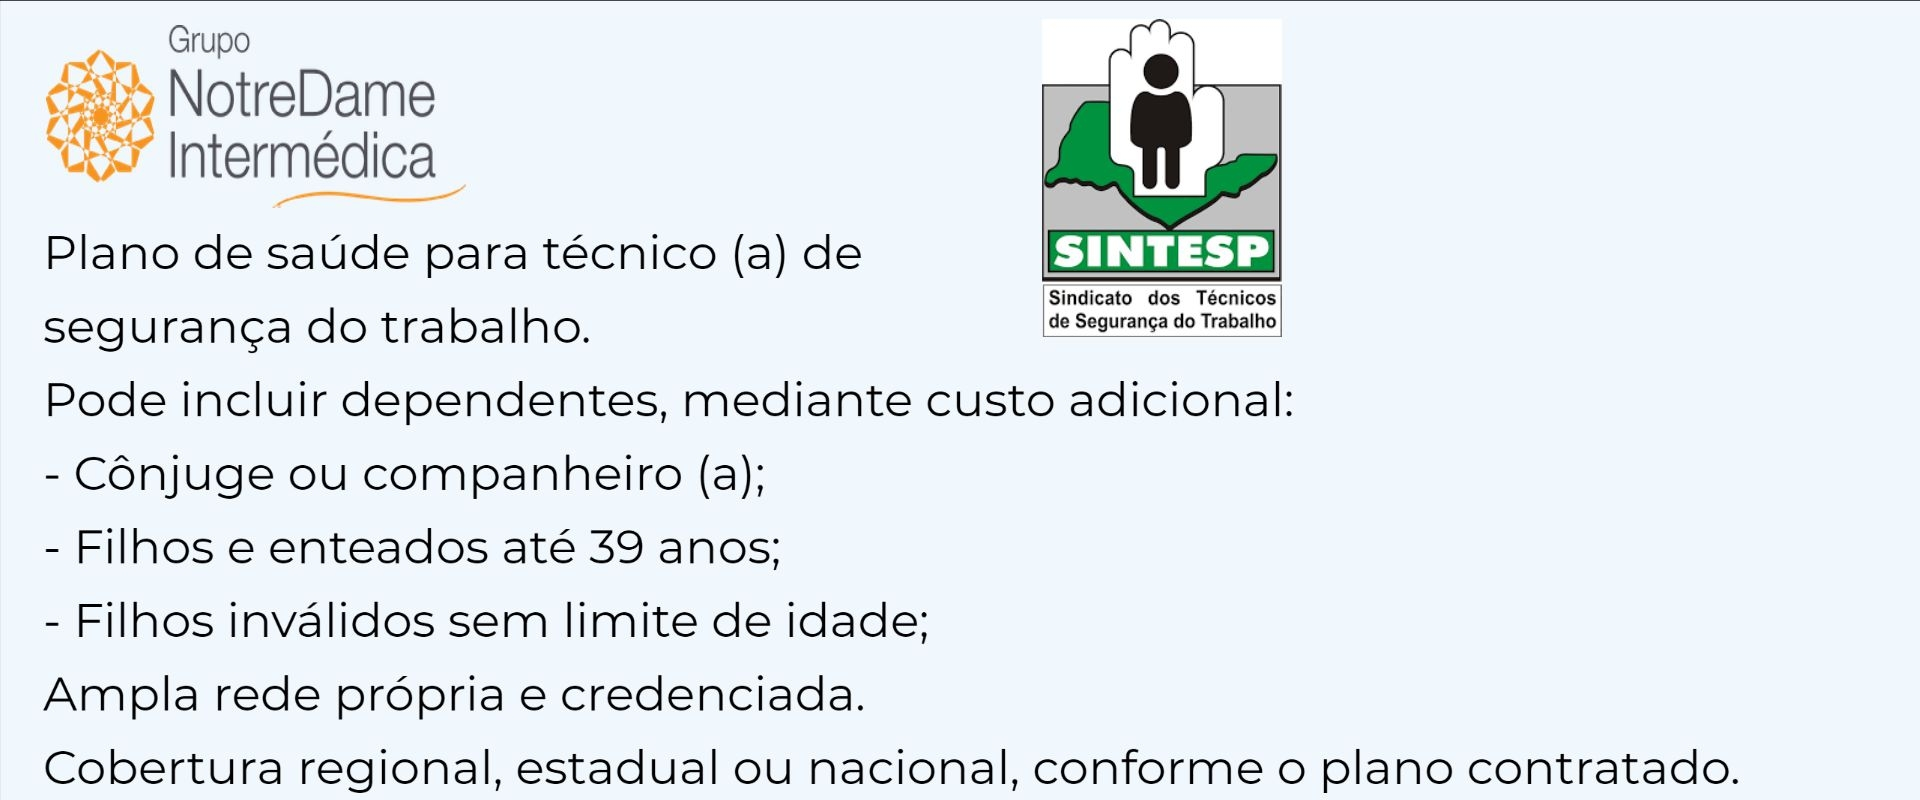 Notredame Intermédica Sintesp-SP